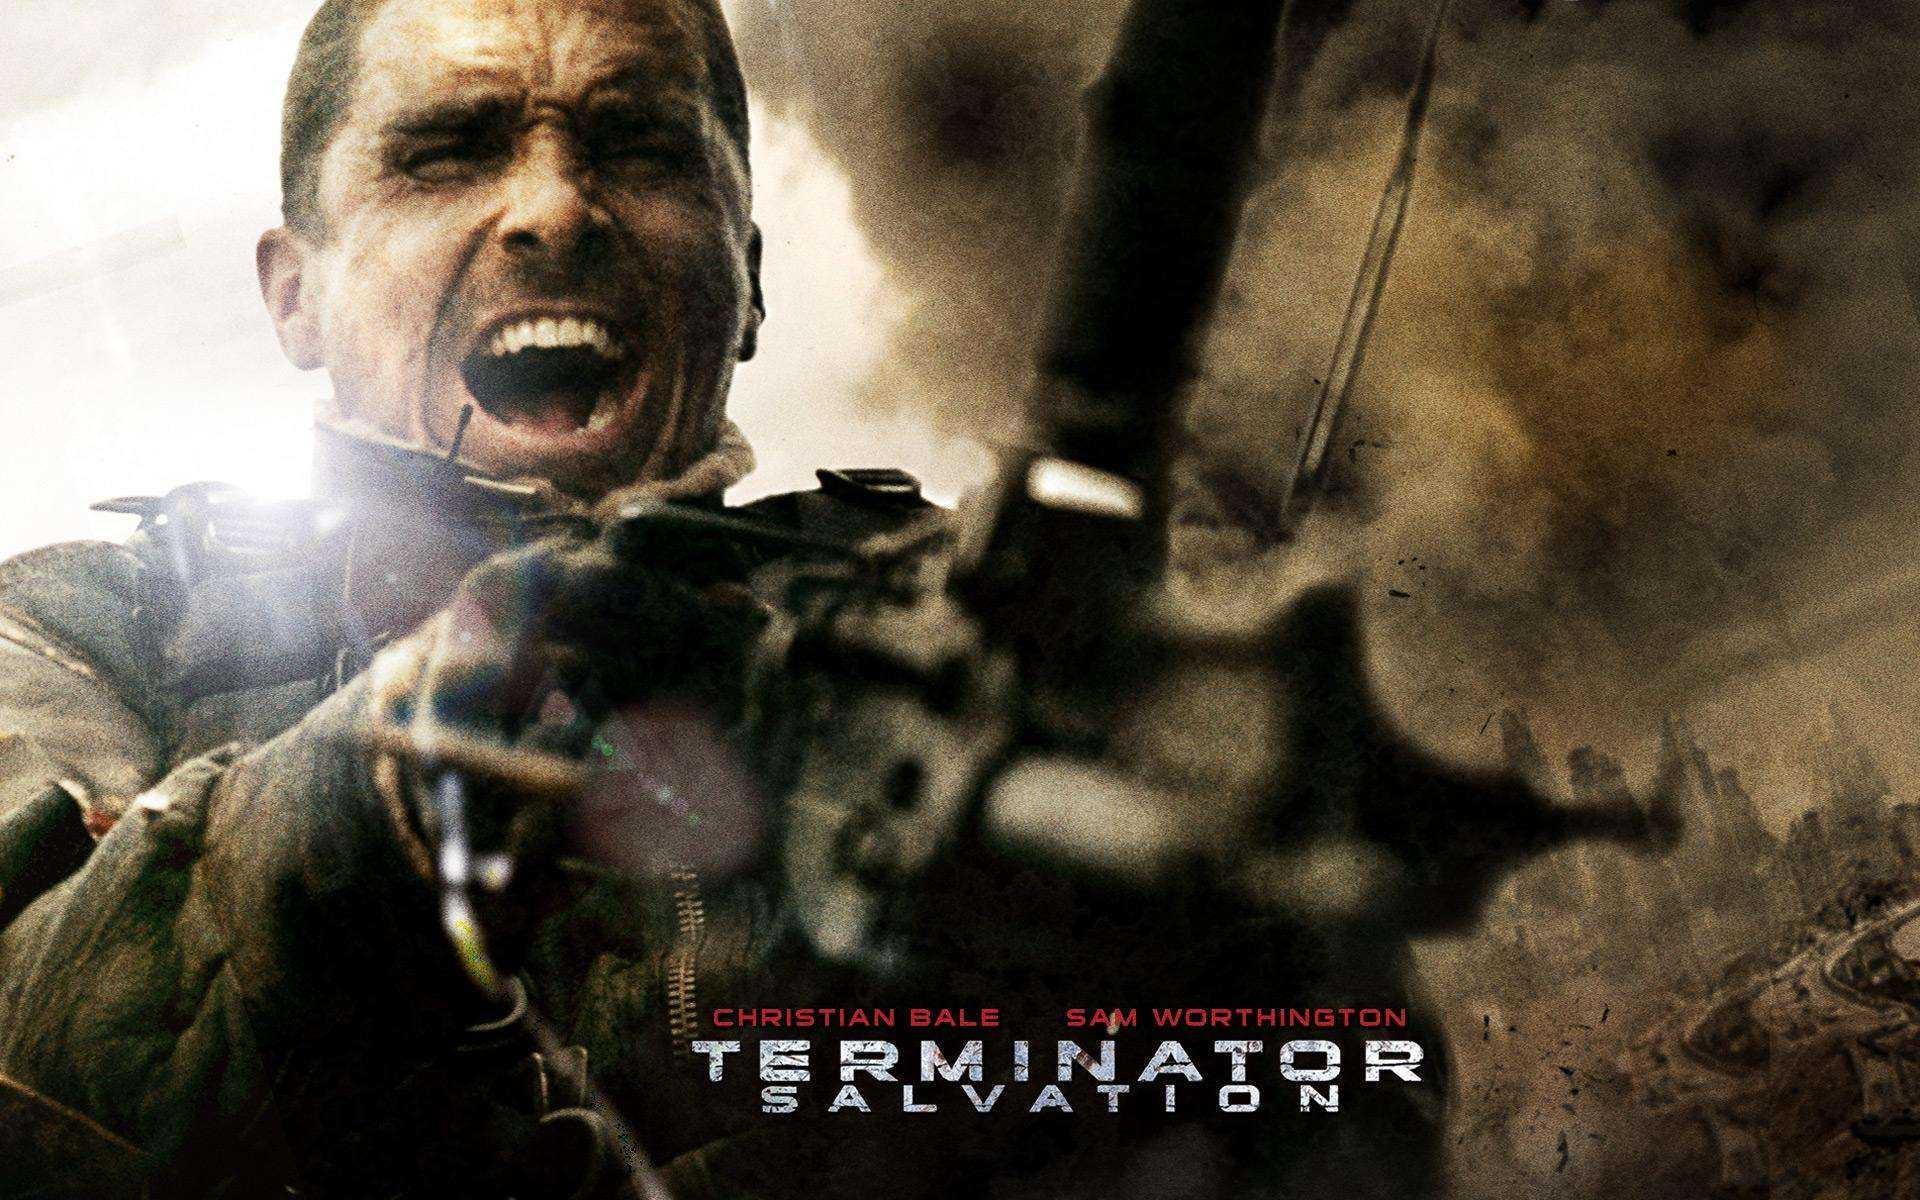 Wallpaper del film Terminator Salvation con Christian Bale